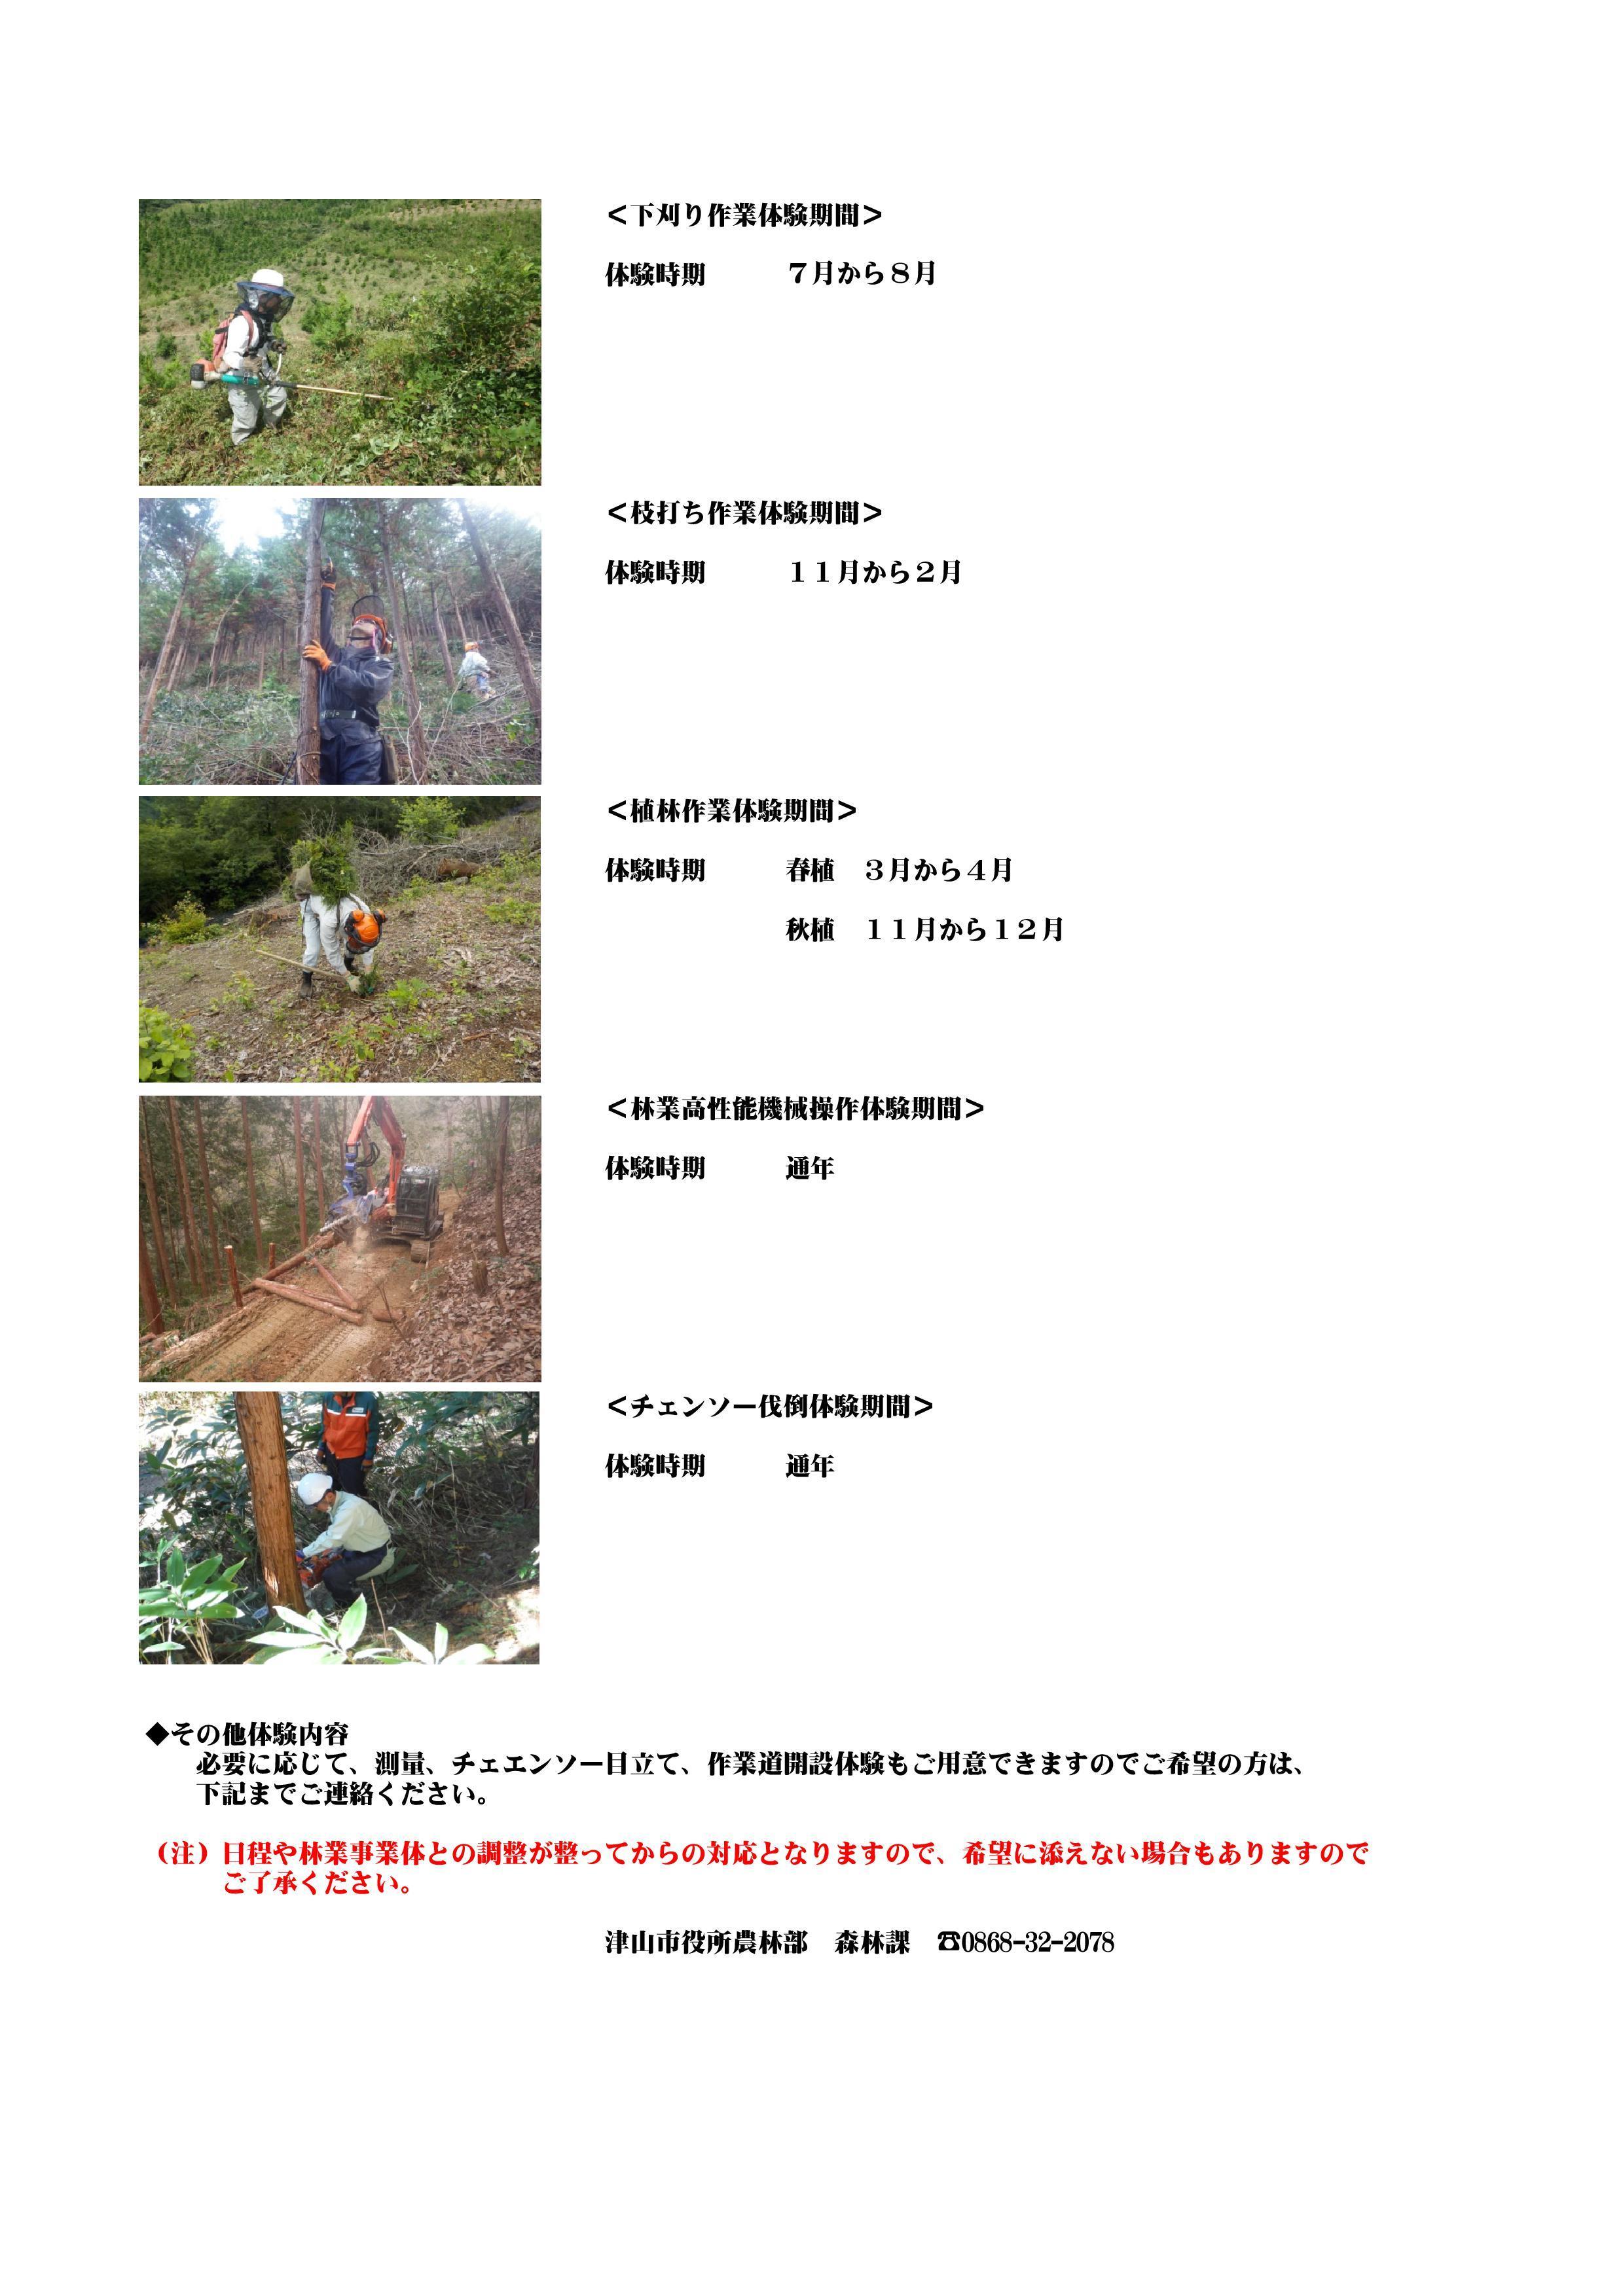 津山市 『援林塾』受講生募集のお知らせ